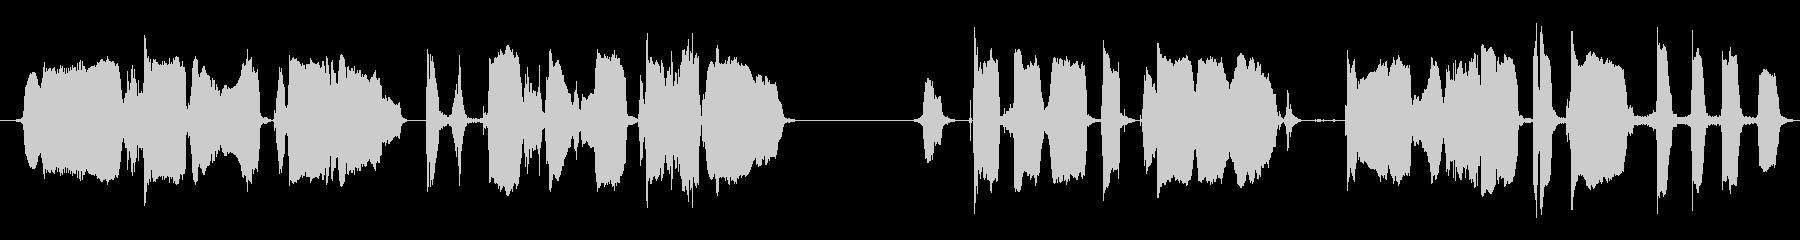 リトルレッドモンスター:メアリーハ...の未再生の波形